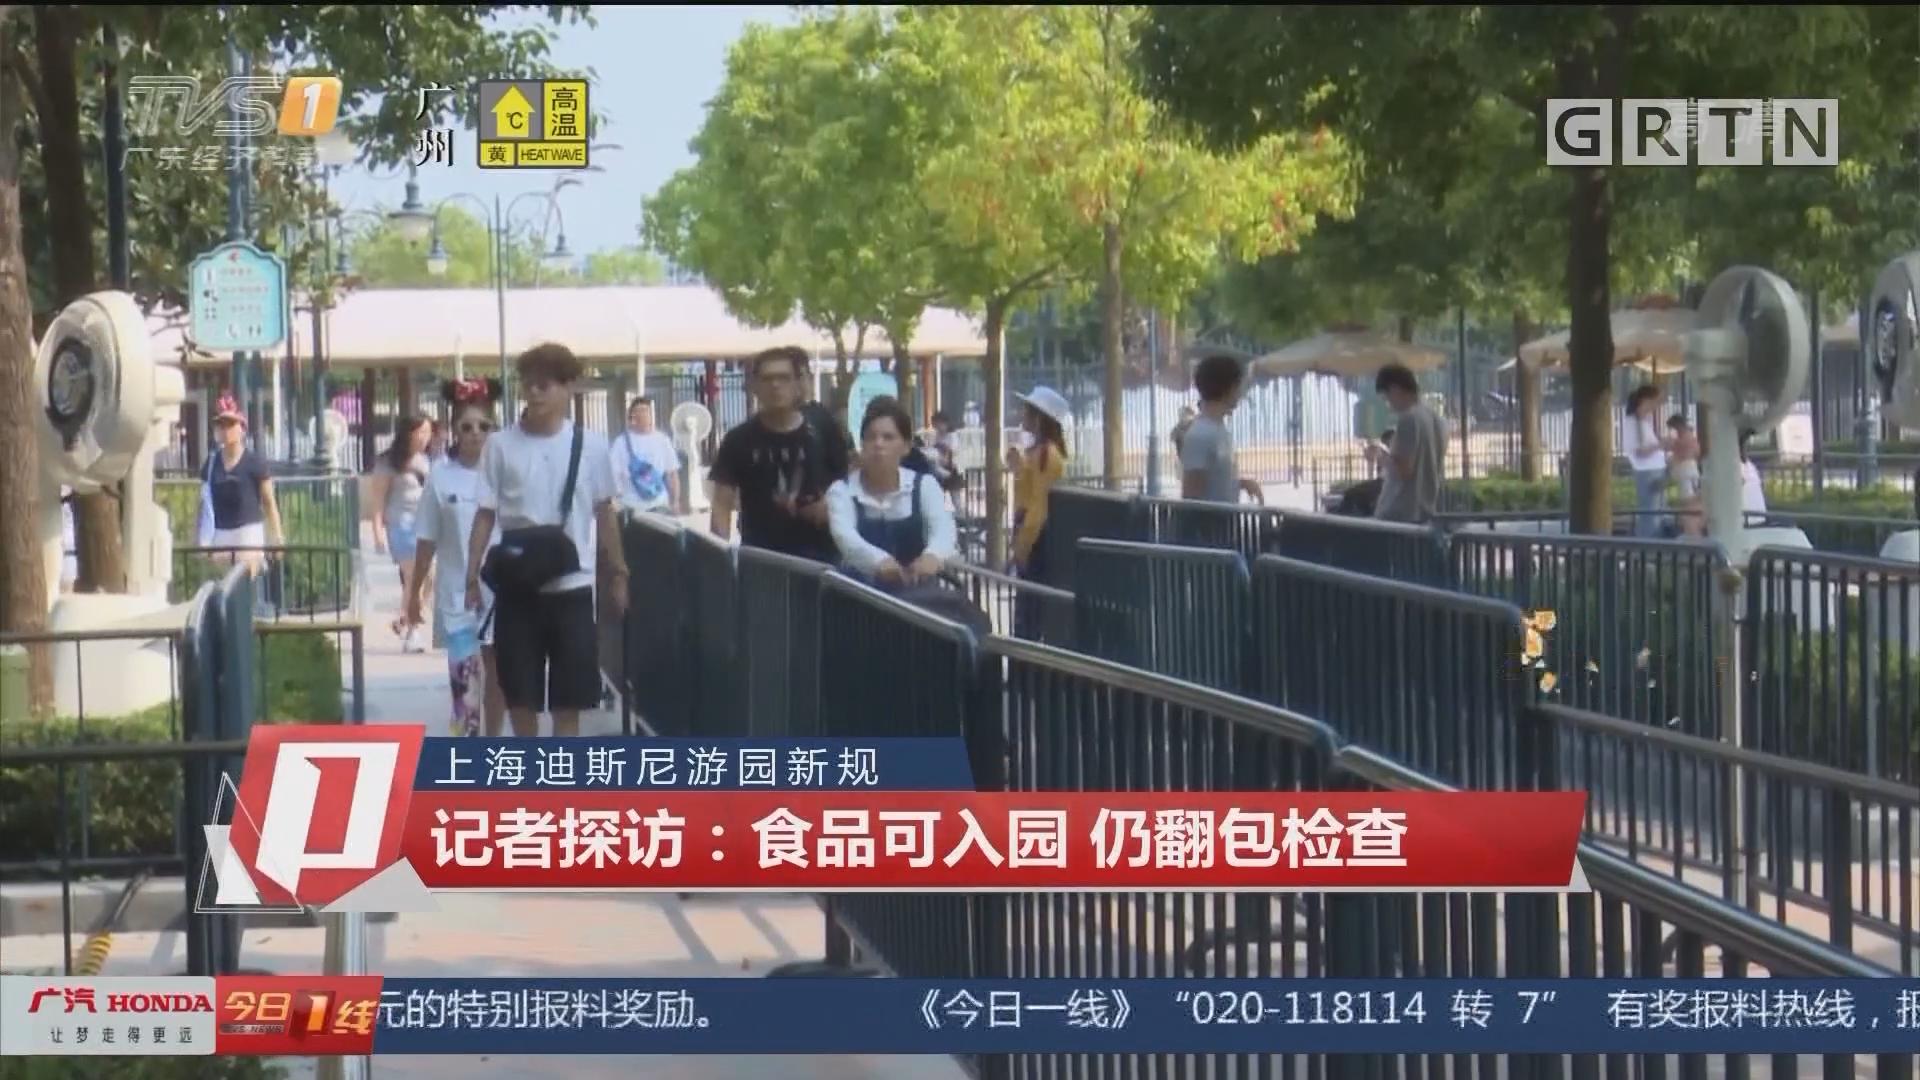 上海迪斯尼游园新规 记者探访:食品可入园 仍翻包检查